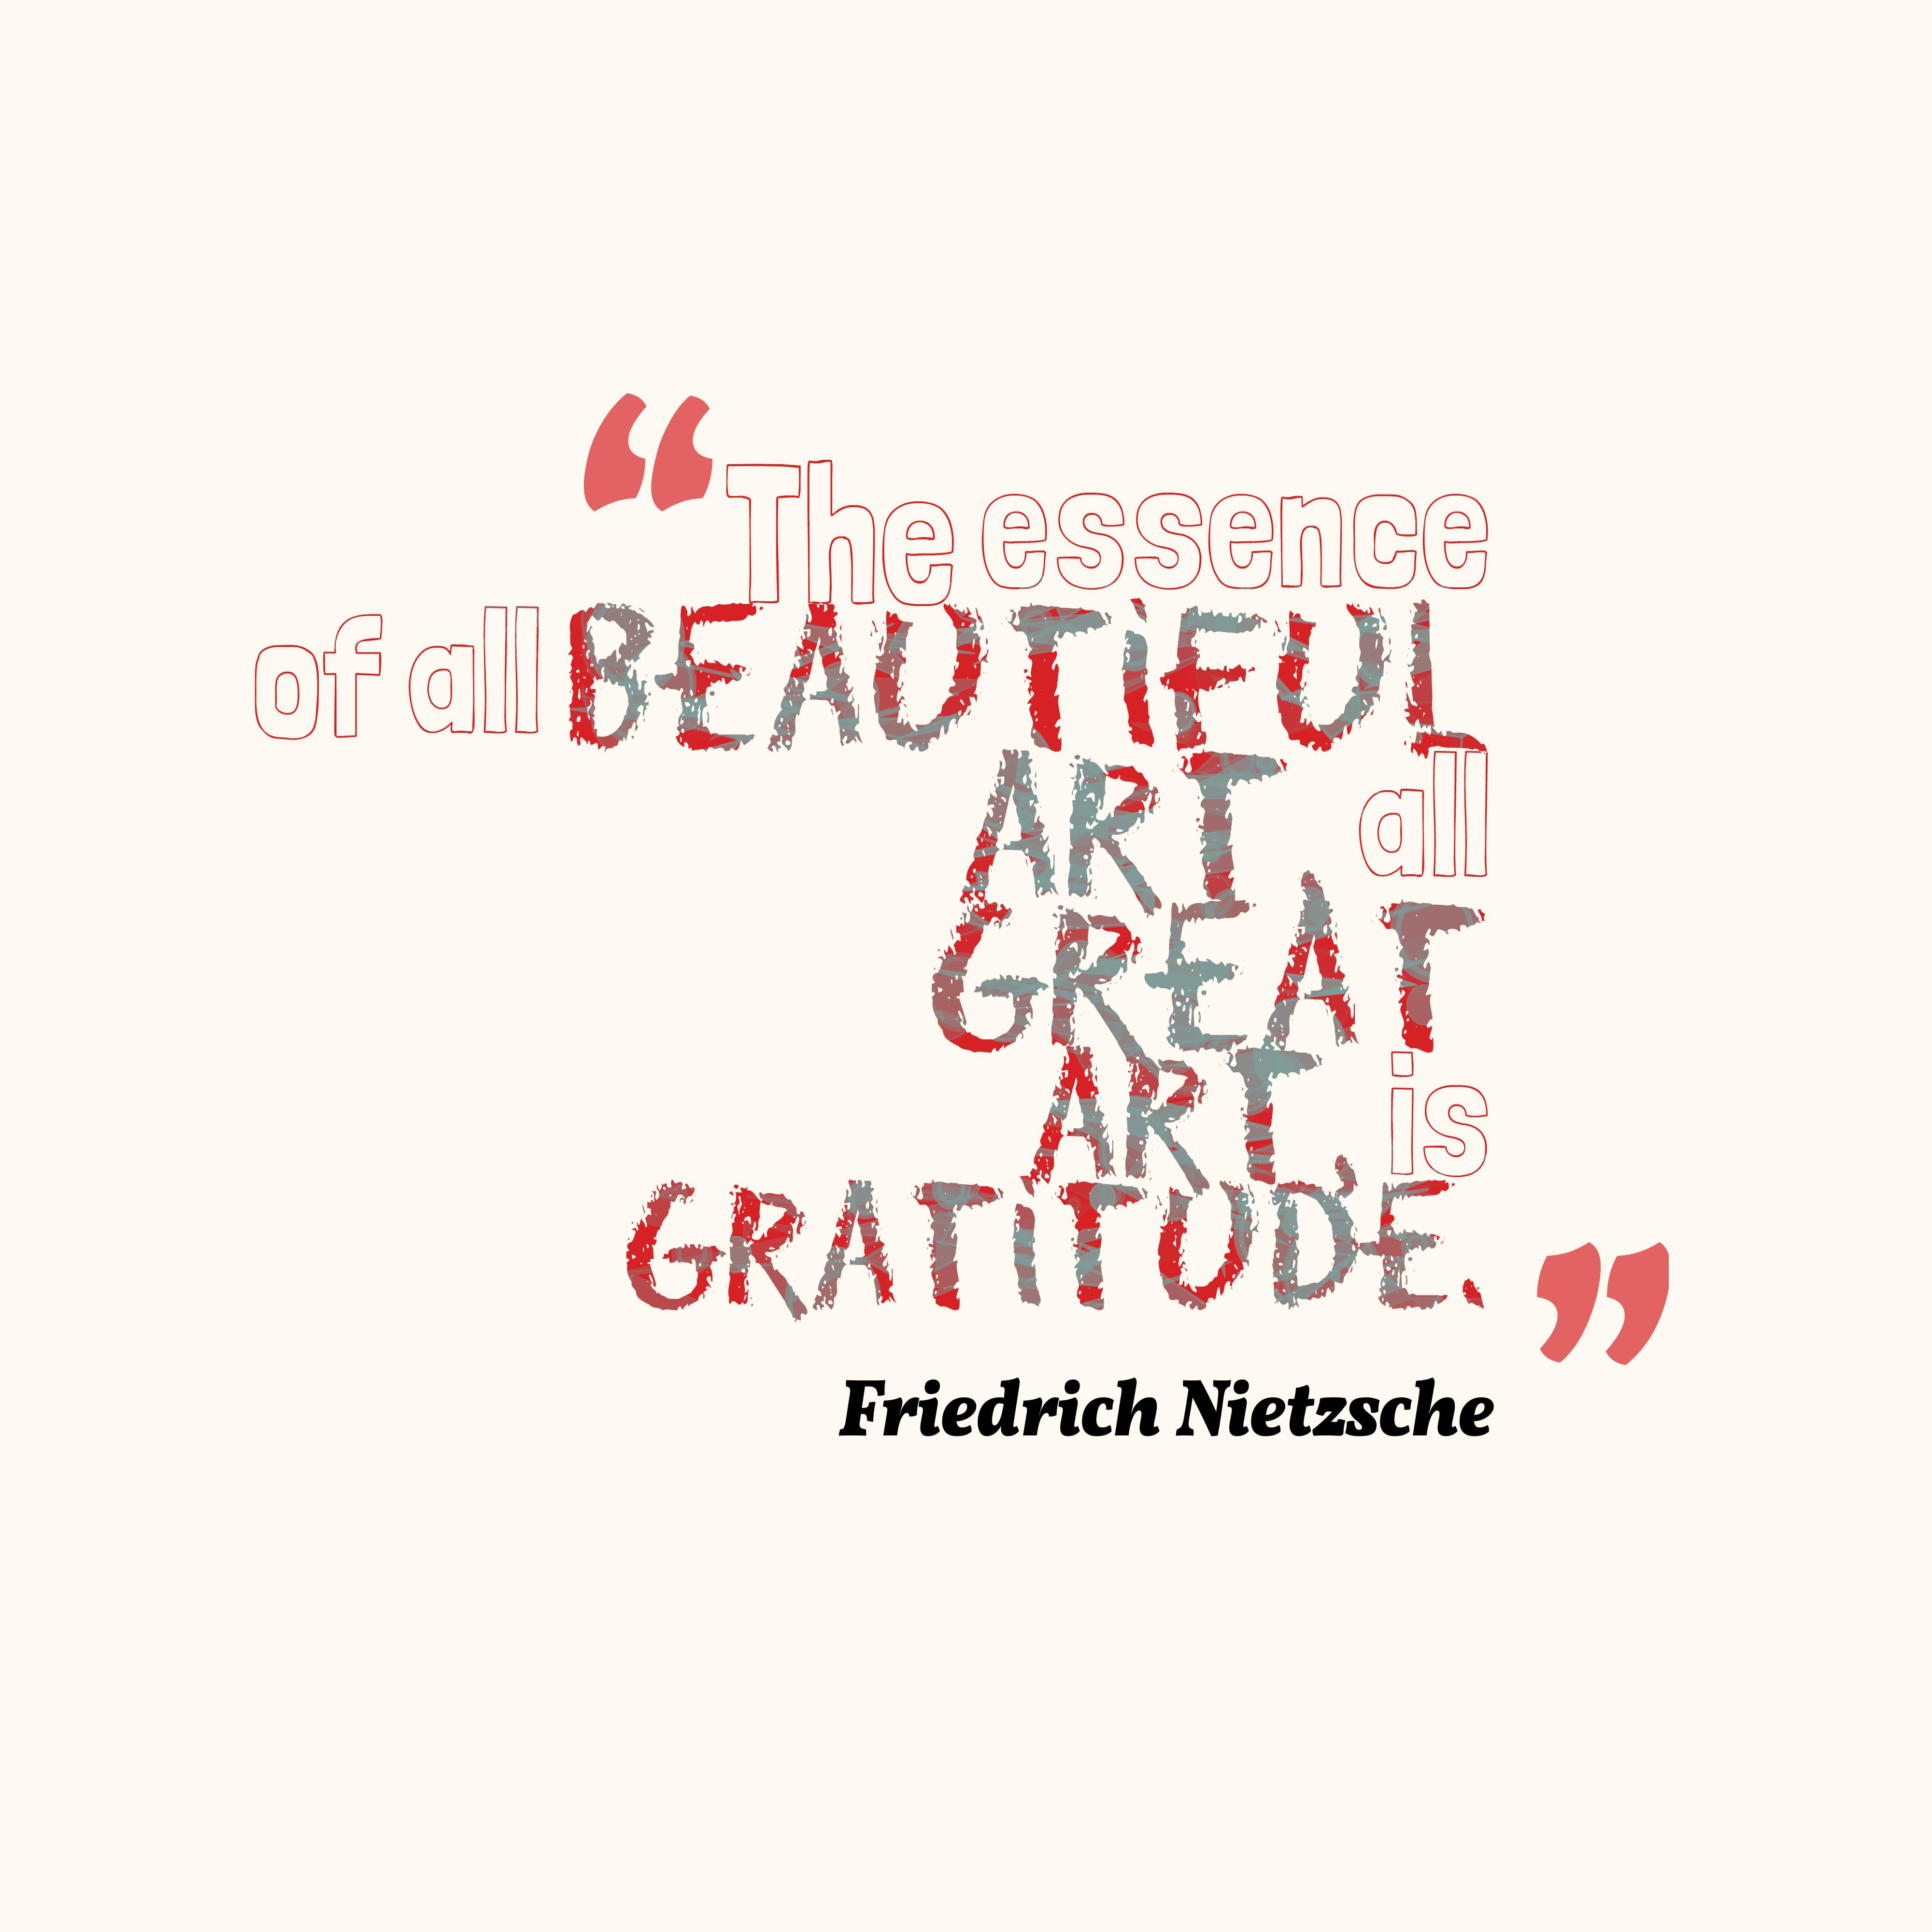 Friedrich Nietzsche Quote About Art